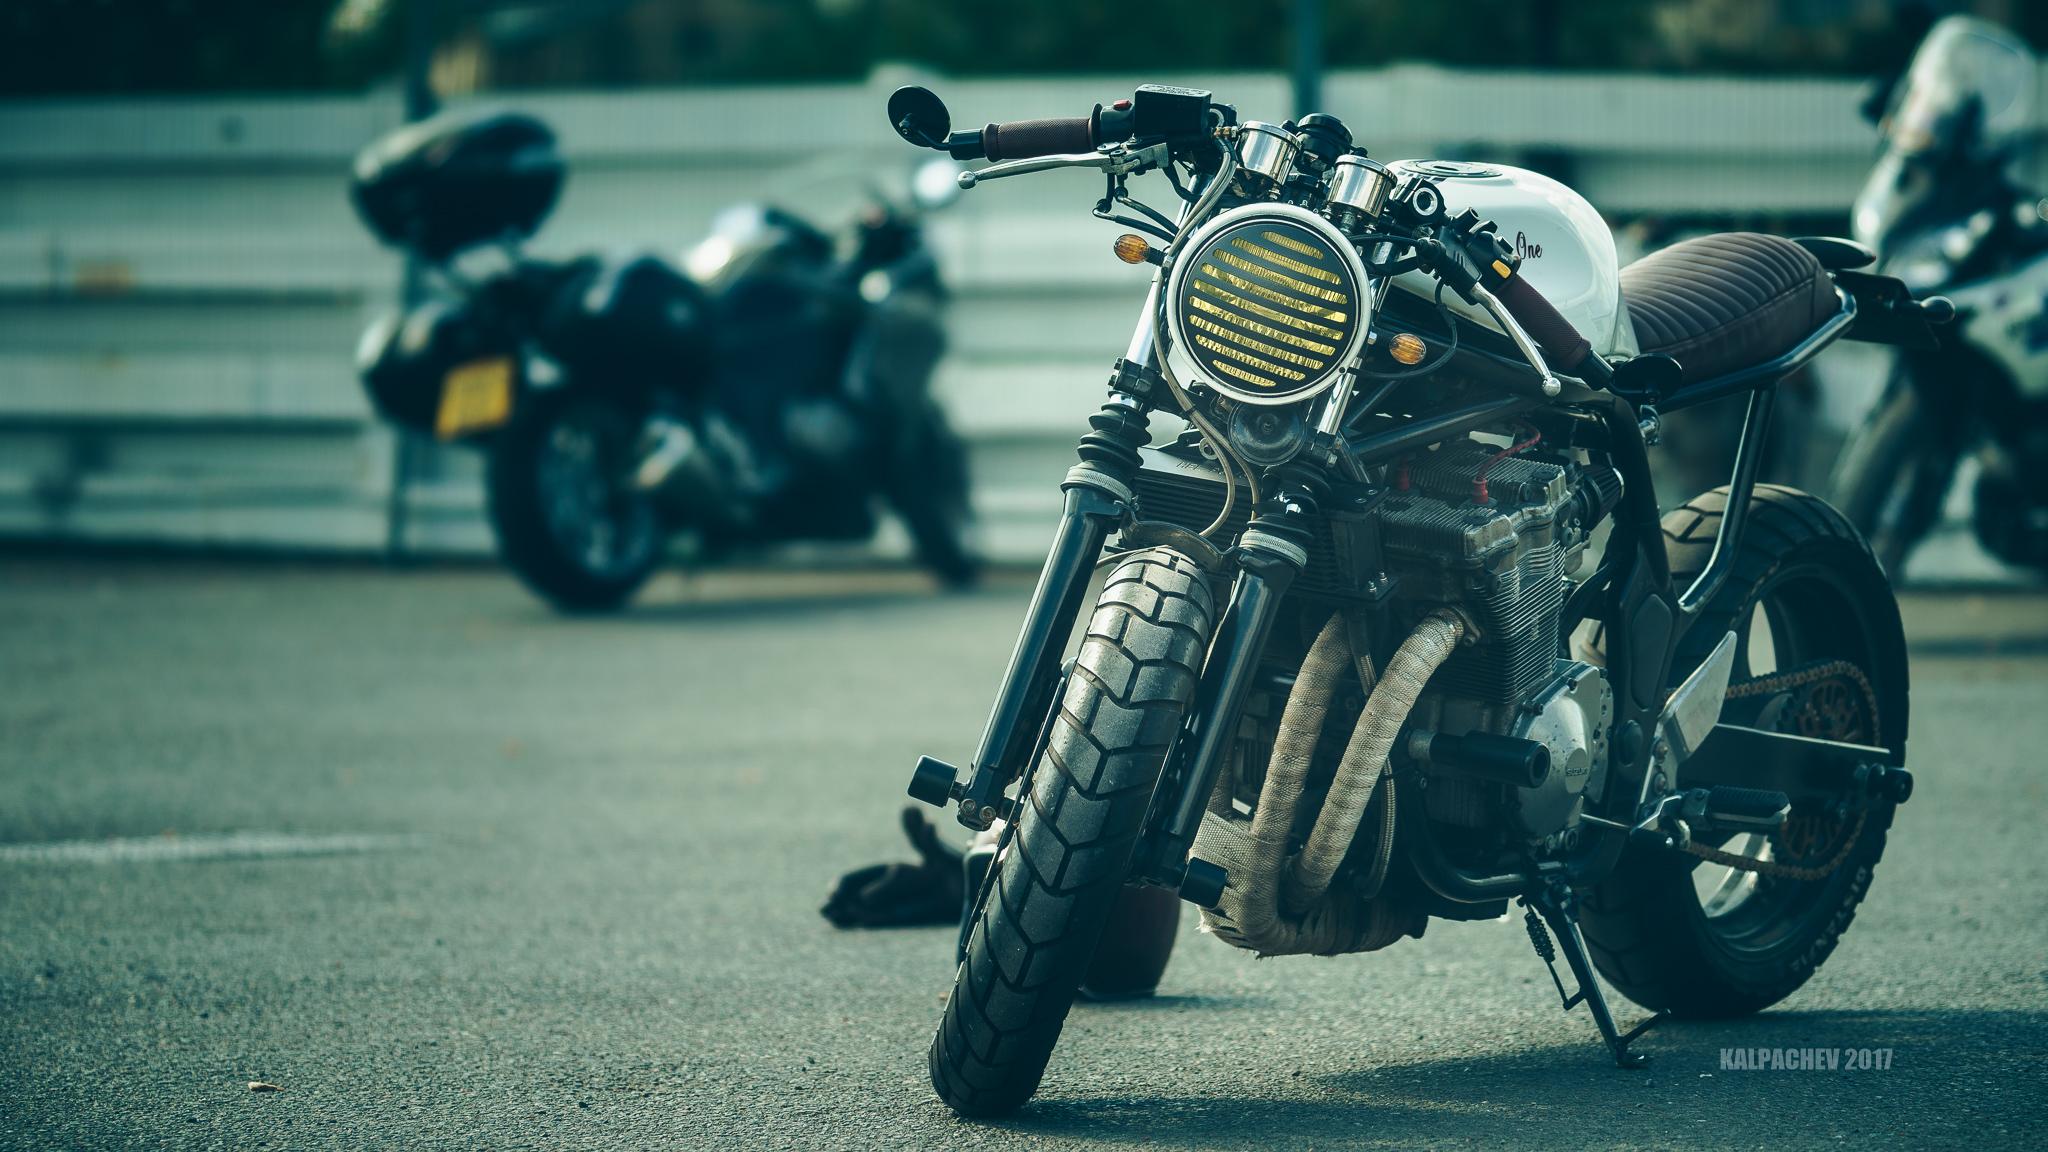 Custom & Cruiser Bike Day at Ace Cafe London